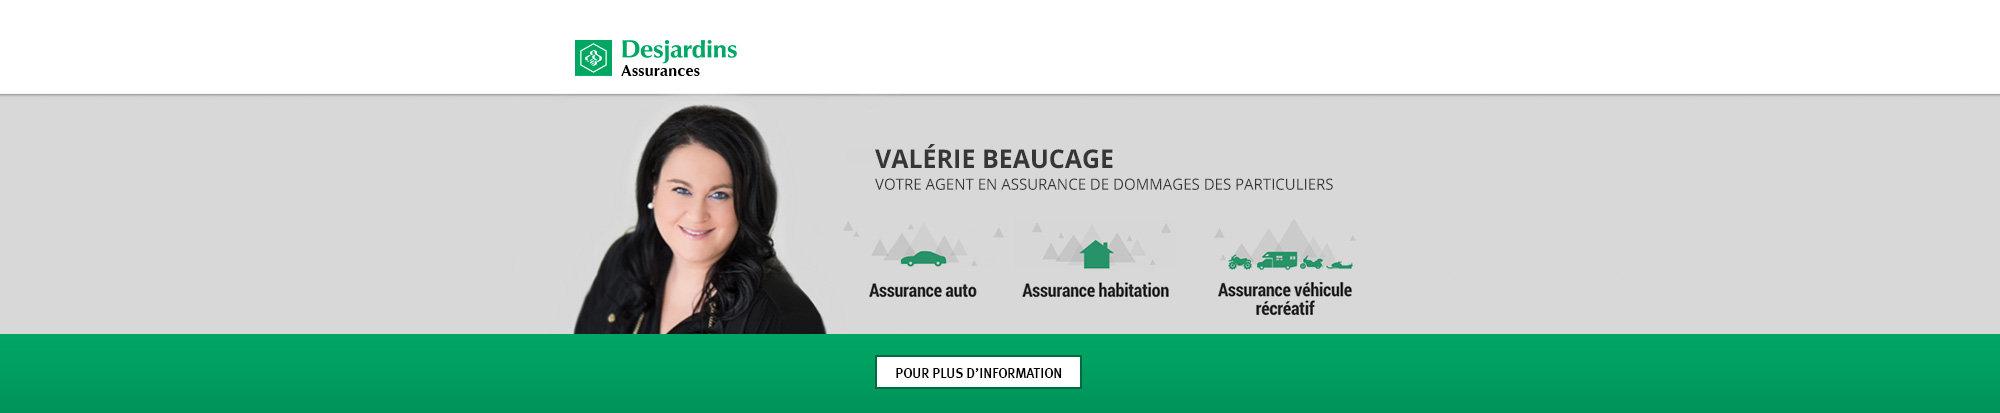 Valérie Beaucage - Votre agent en assurance de dommages des particuliers